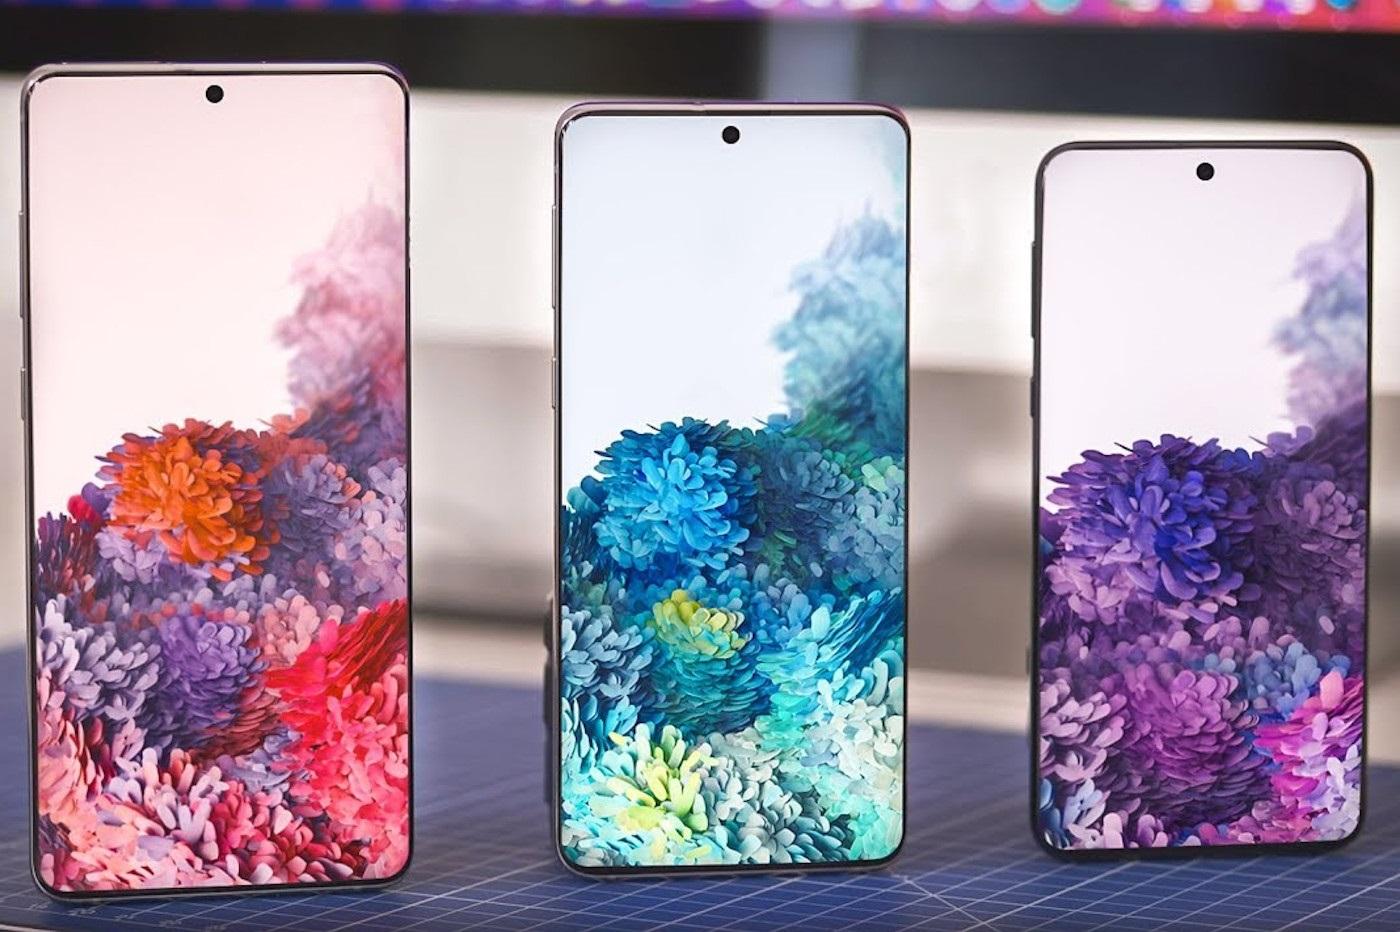 تسريب المزيد من مواصفات هاتف سامسونج المقبل Samsung Galaxy S20 Plus